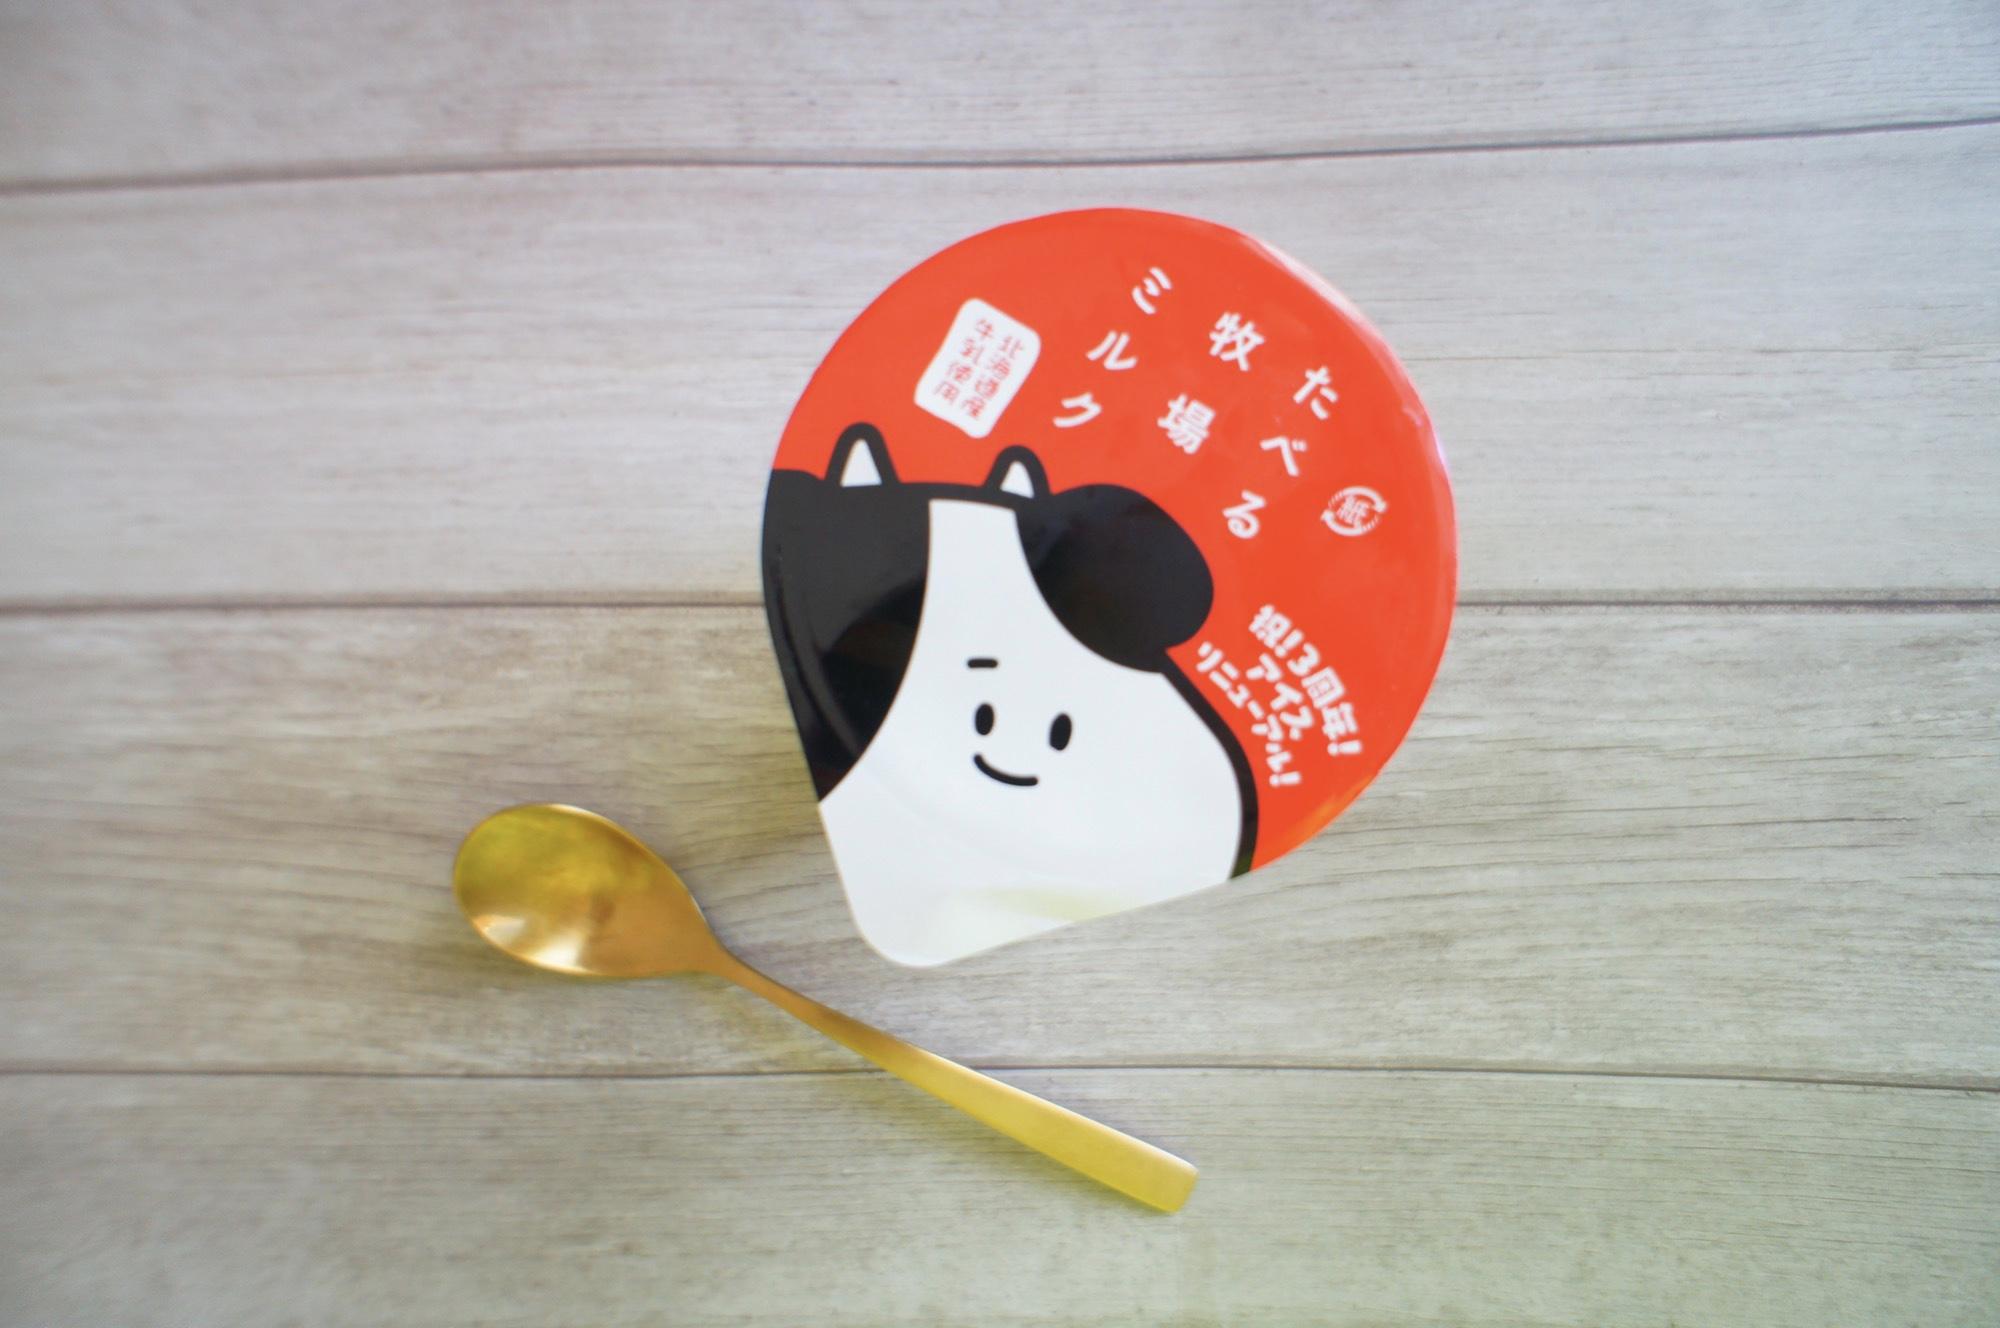 《ファミマ限定》大人気❤️【たべる牧場ミルク】が10/20リニューアル!☻_2